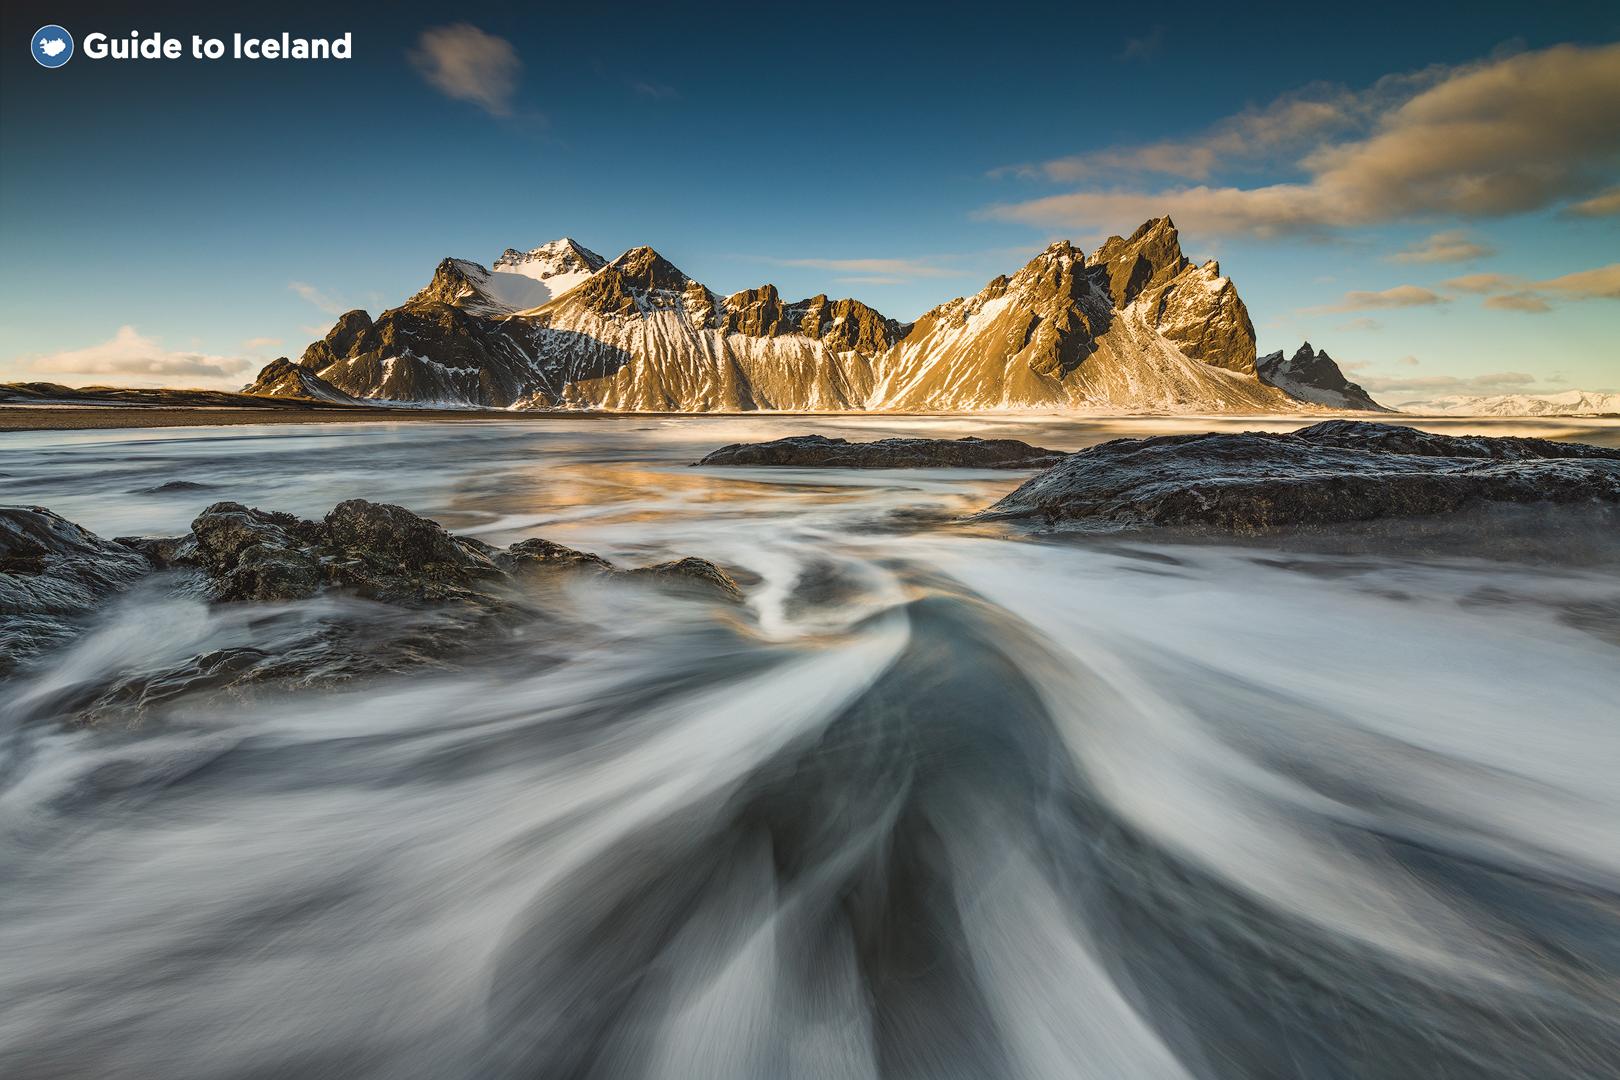 冰岛东南部的Vestrahorn山造型独特,是很多摄影师的最爱